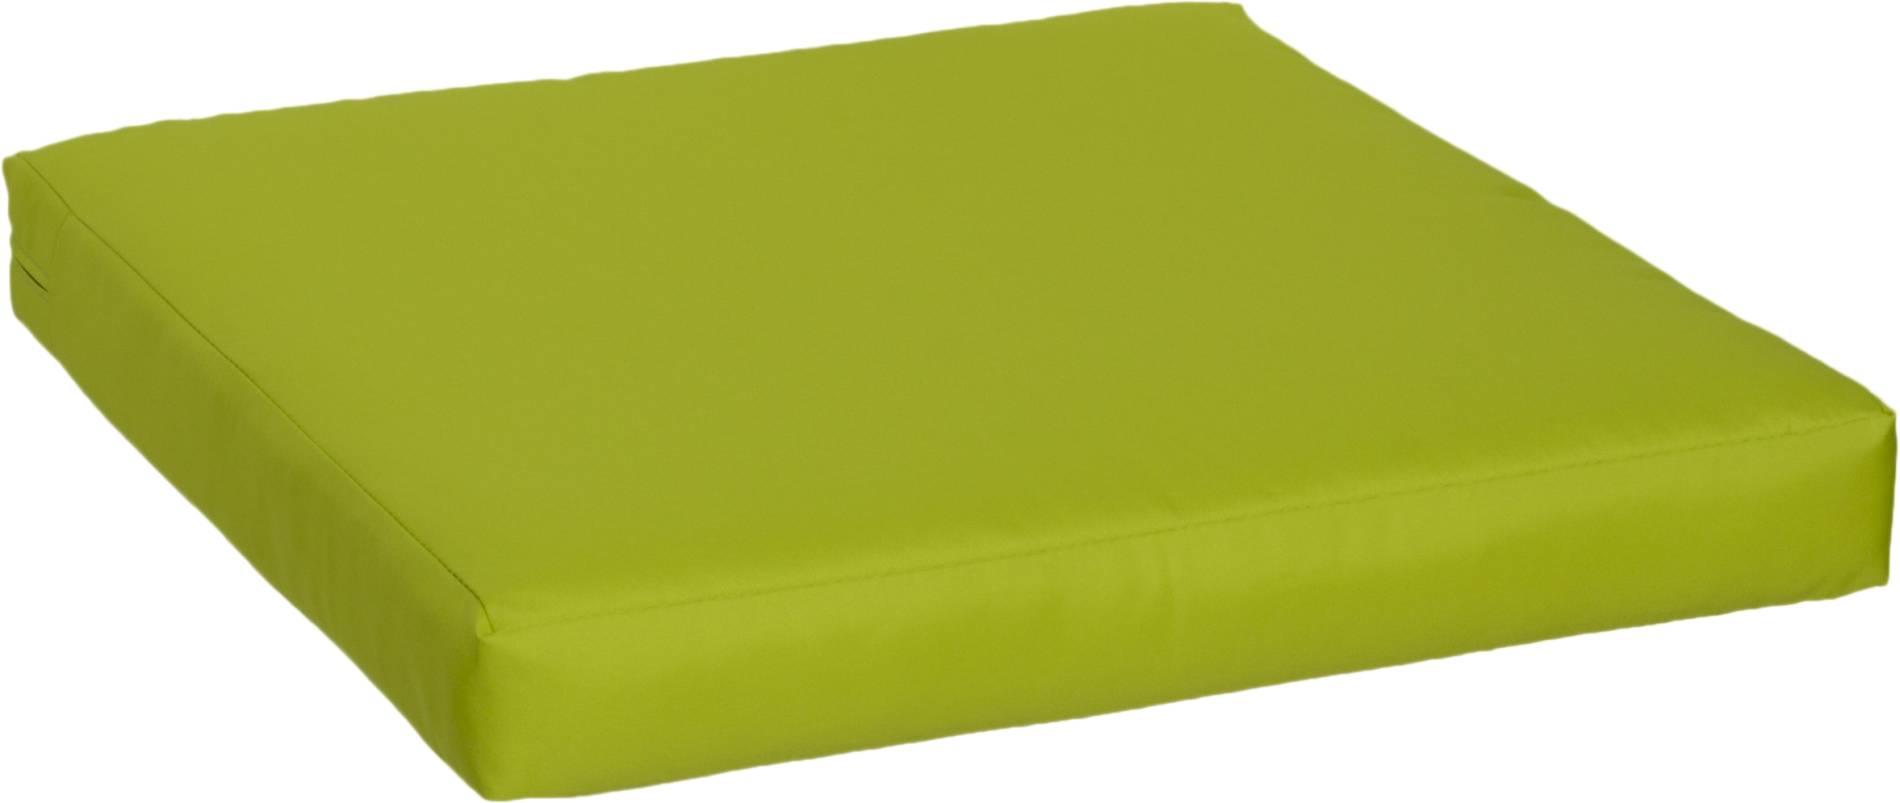 Kissen Loungegruppen in hellgrün ca. 60 x 60 cm hochwertige Polsterauflagen 100% Polyester wasserabweisend